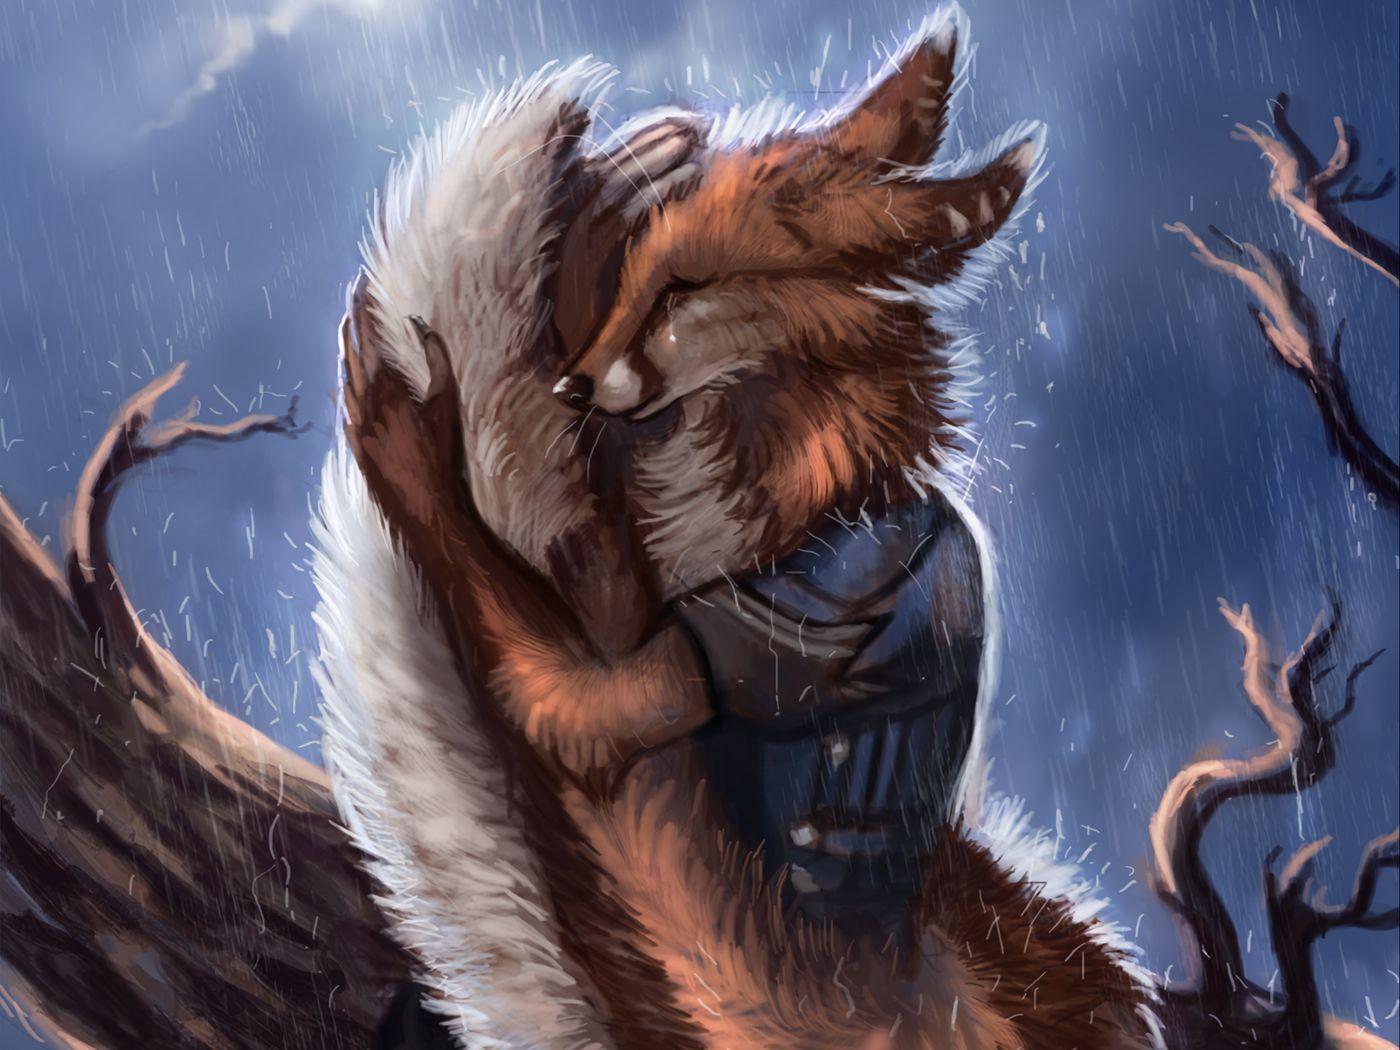 1400x1050 Wallpaper fox, tail, rain, hide, sadness